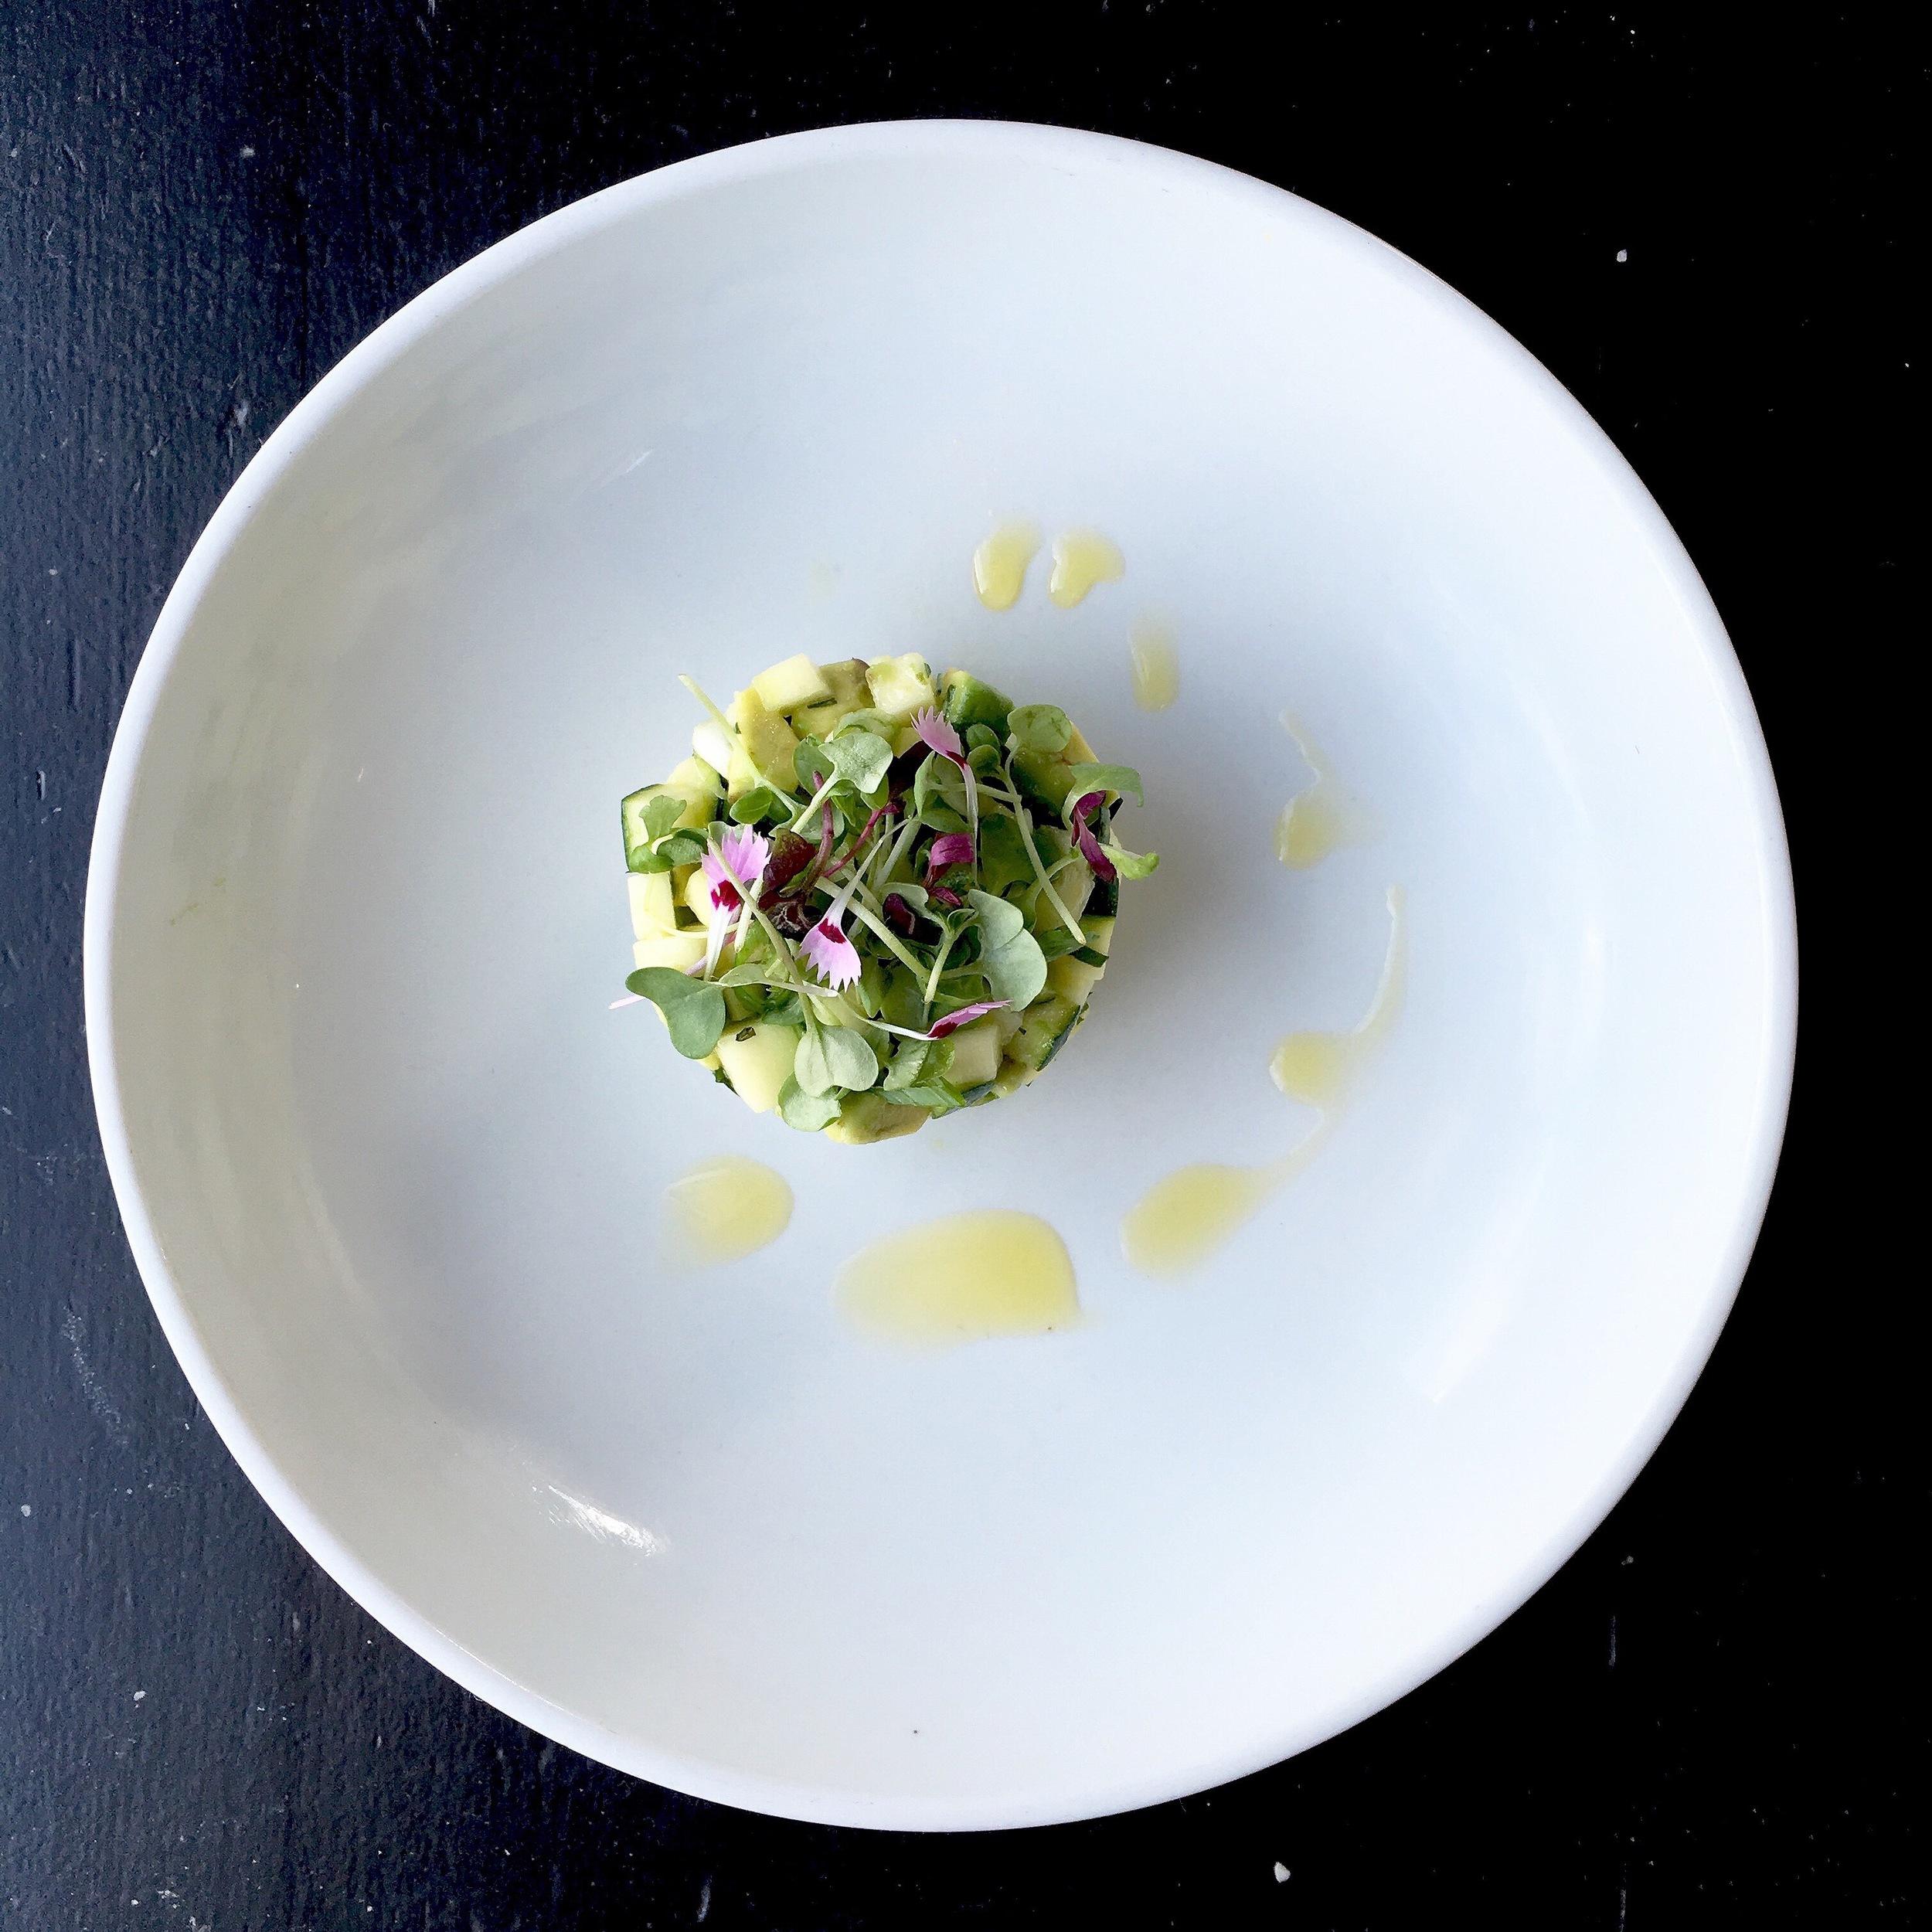 Zucchini Tartare // Zucchini / Avocado / Microgreens. This dish is light and refreshing!